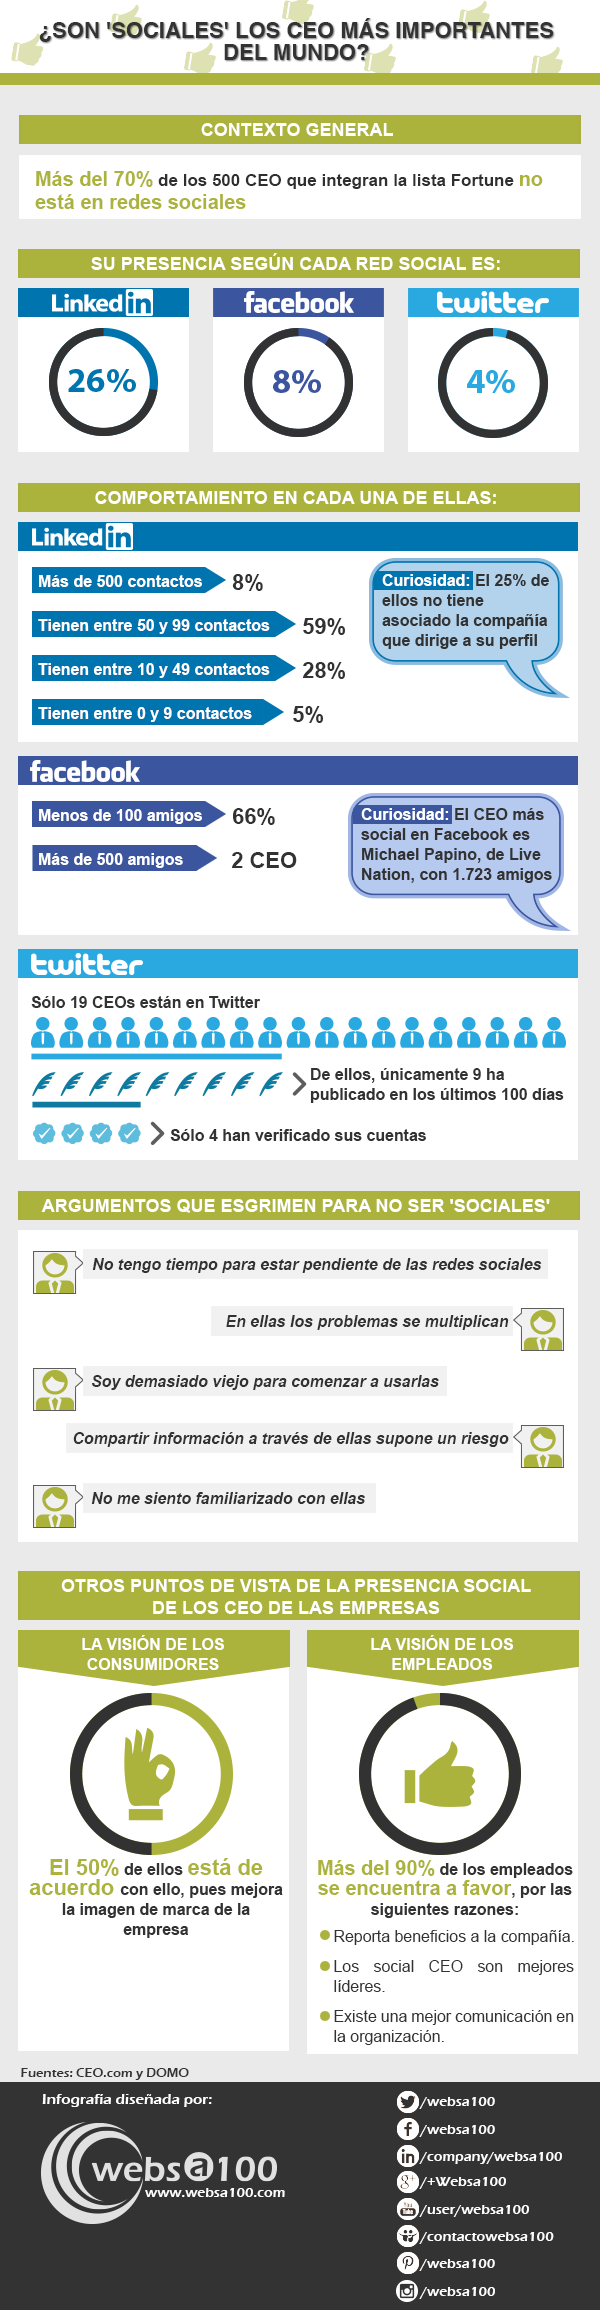 Cómo usan los CEO las Redes Sociales